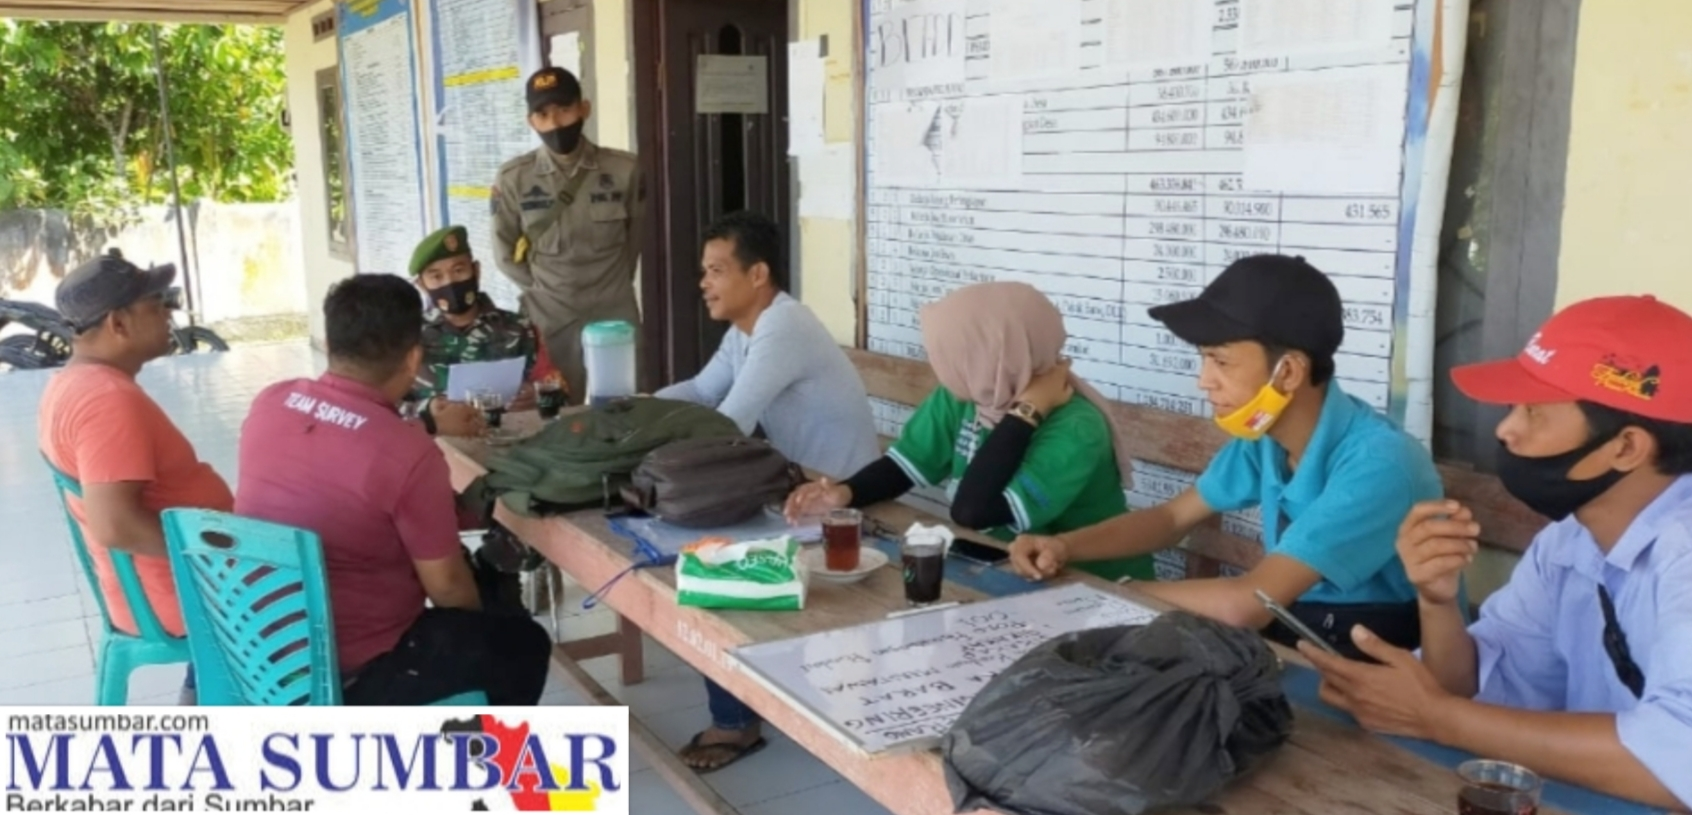 Babinsa Sikakap Dampingi Tim Survey Pemasangan Lampu PJU-TS di Dua Wilayah